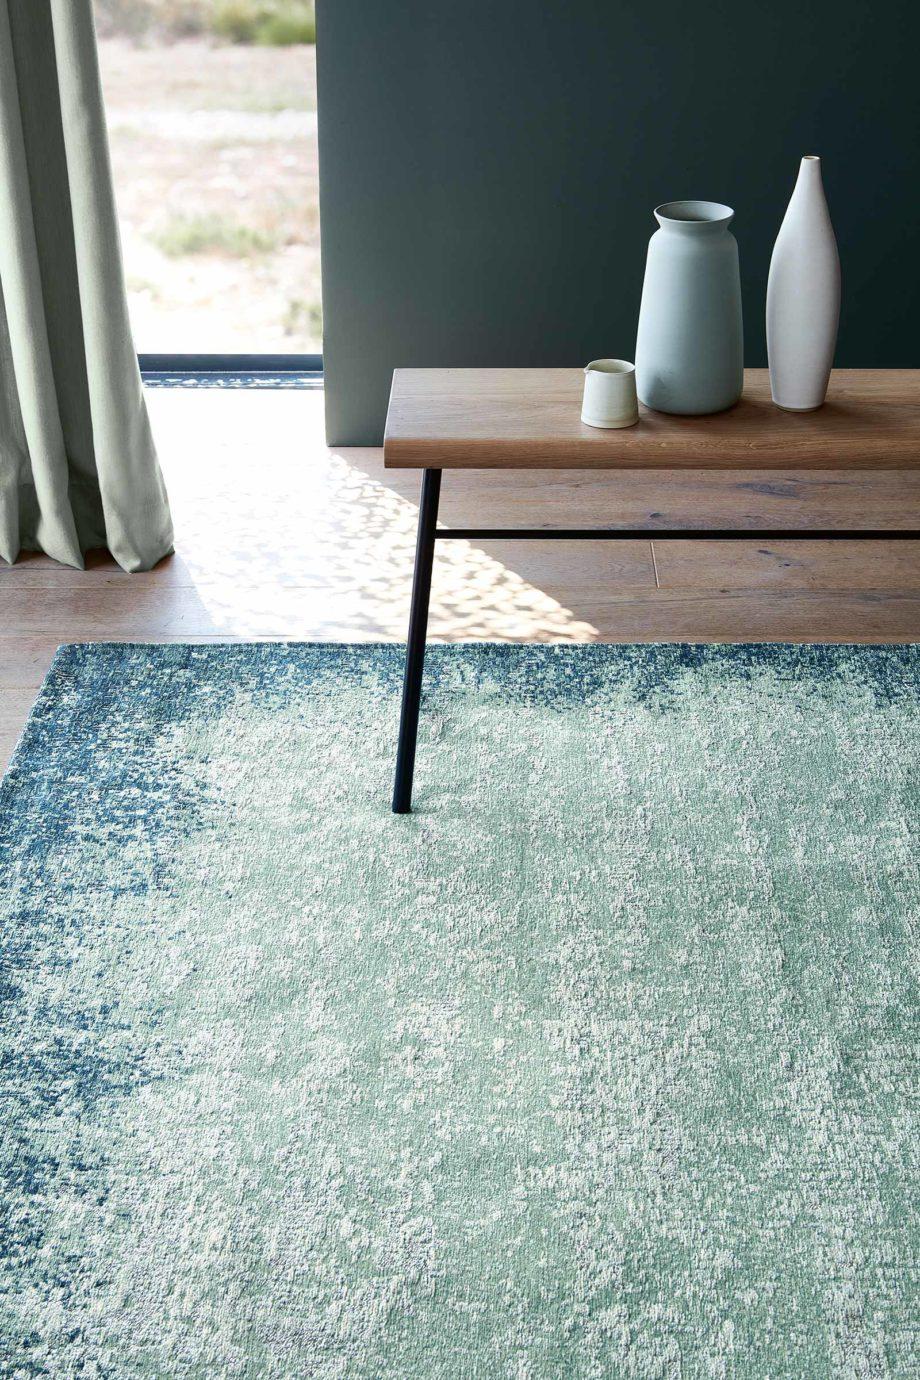 Louis De Poortere rugs Villa Nova LX 8769 Marka Teal interior